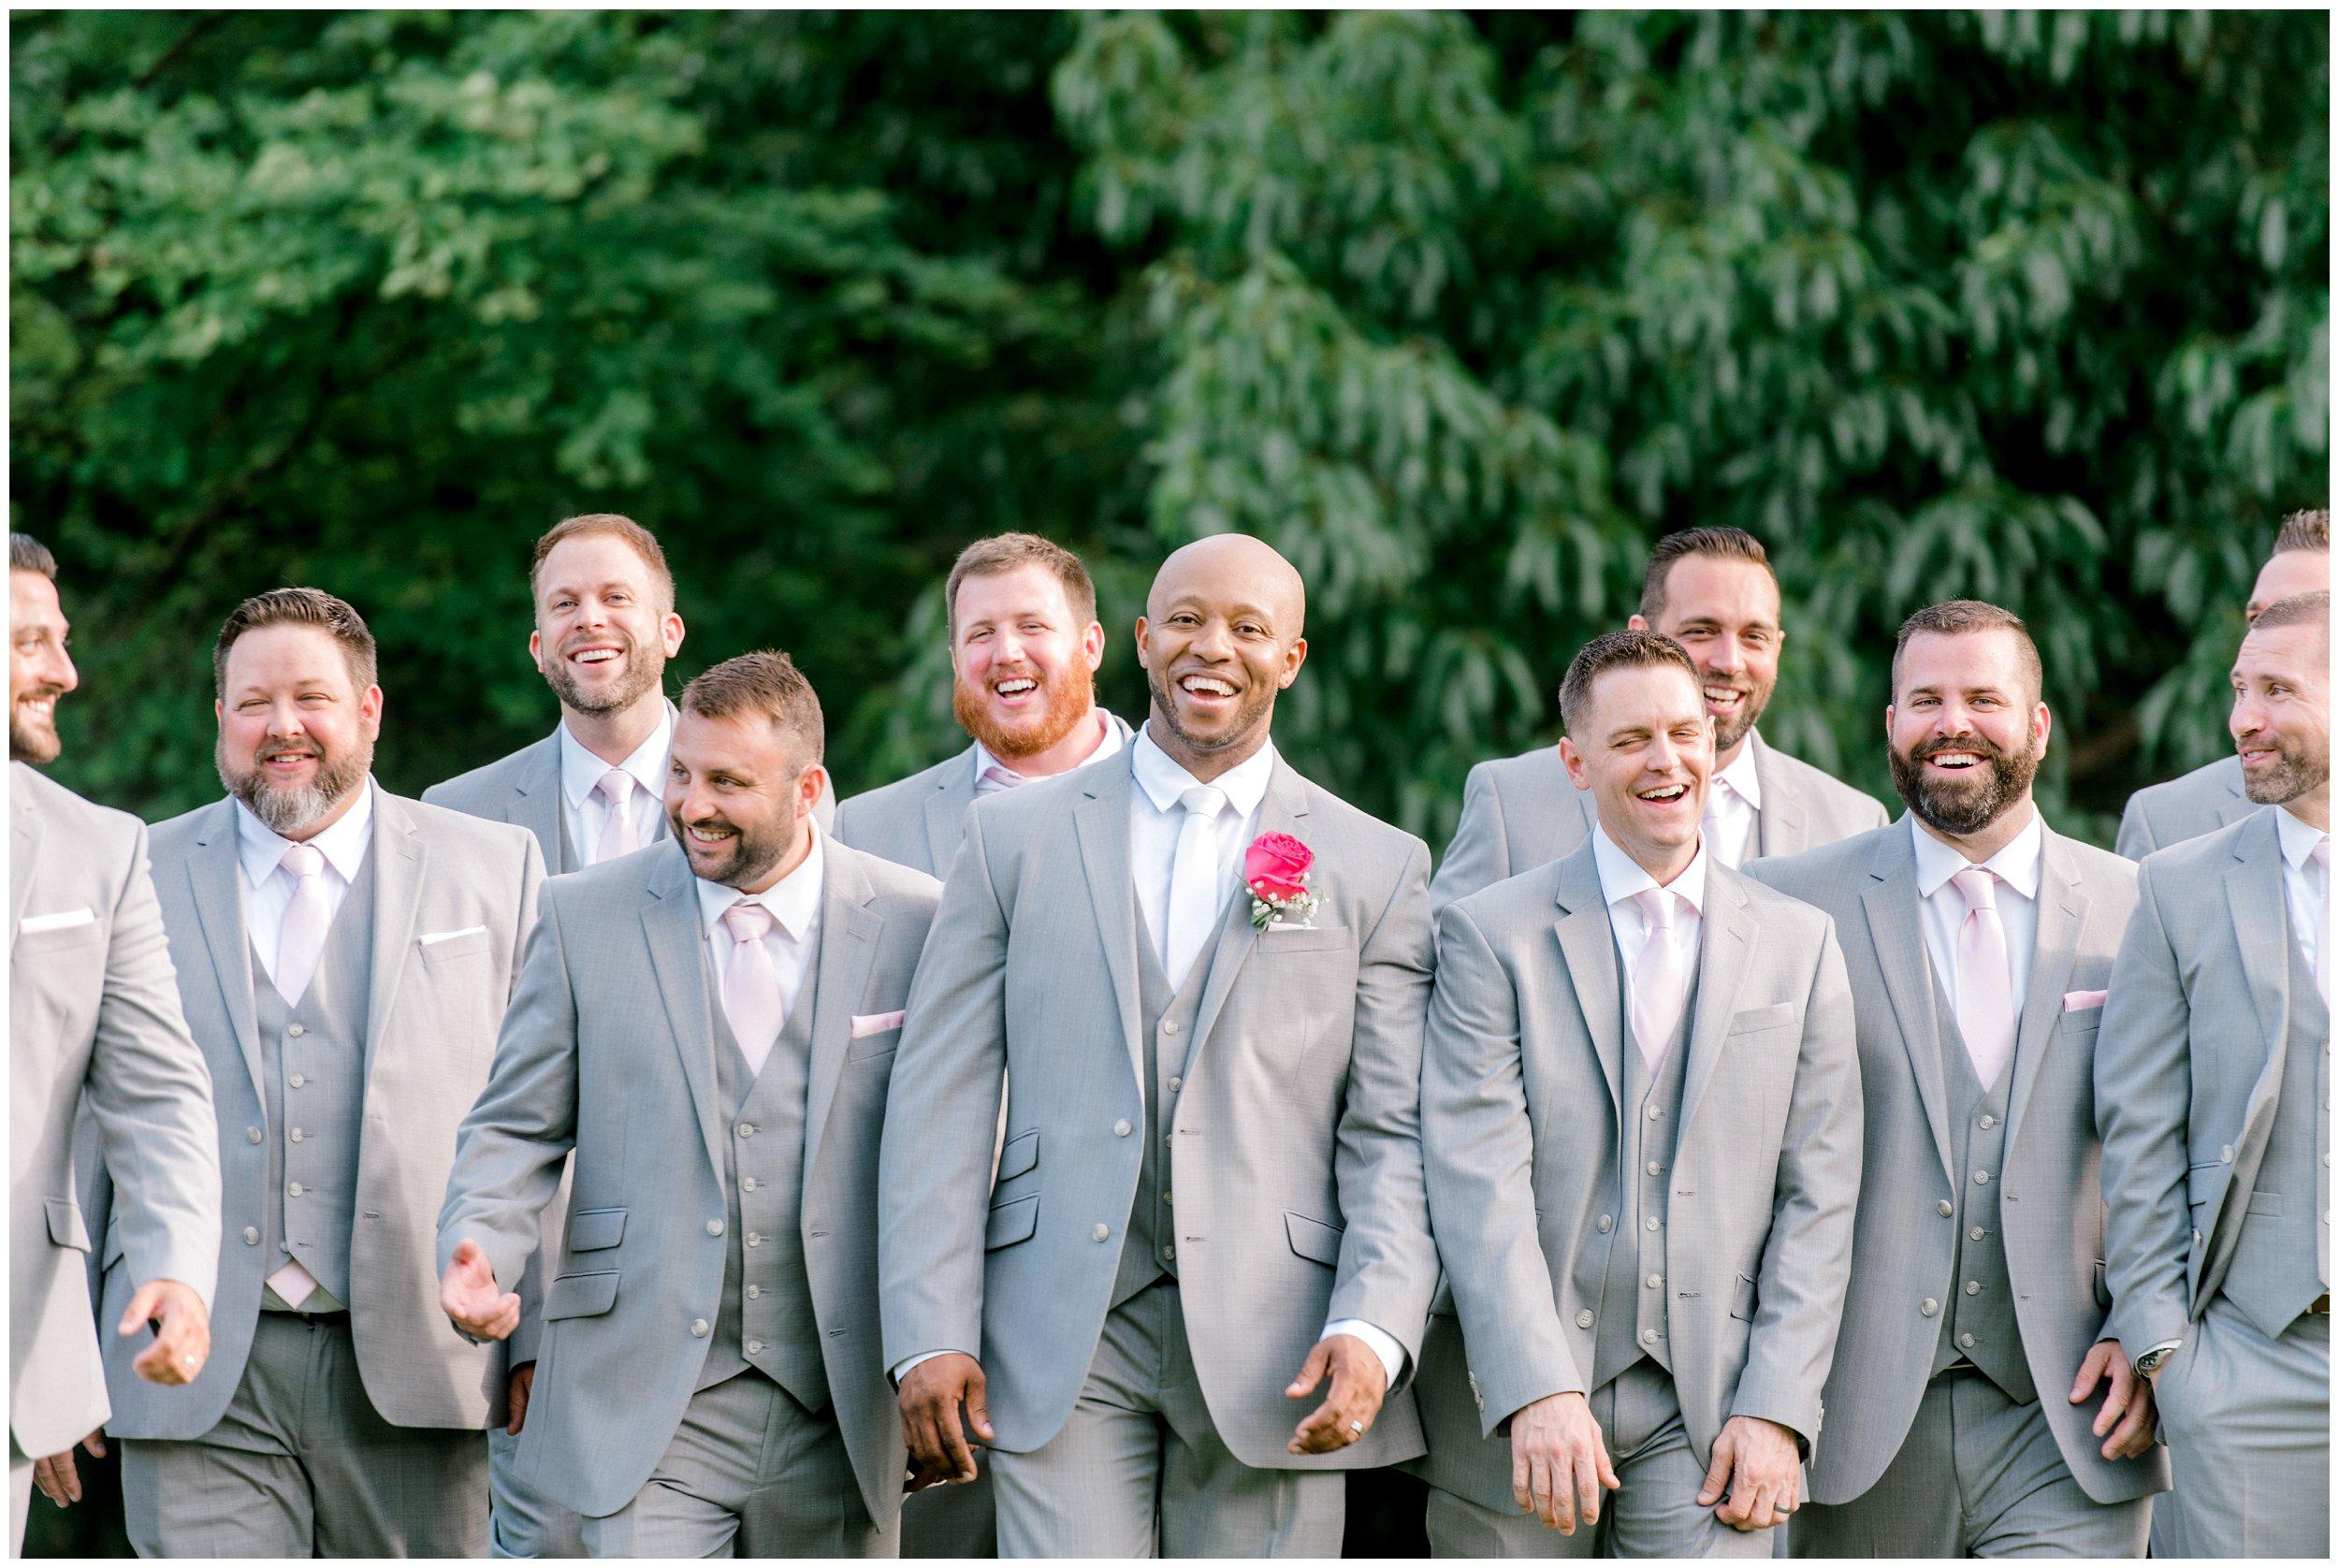 Groom with groomsmen walking